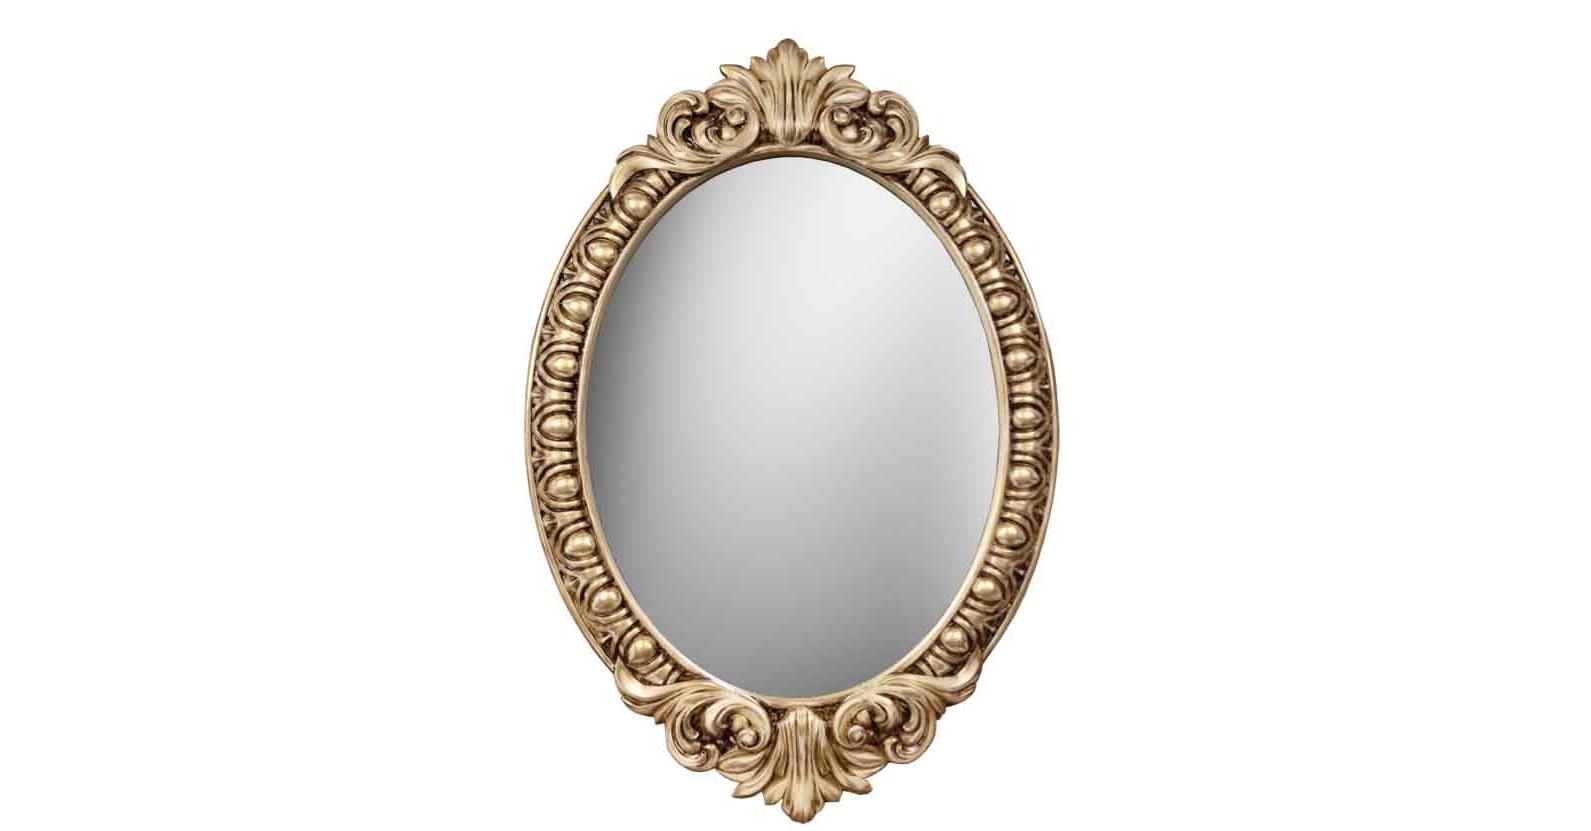 Зеркало ВЕНЕЦИЯНастенные зеркала<br>&amp;lt;div&amp;gt;Это зеркало в резной овальной раме выполнено в роскошном стиле итальянского барокко. Как и изделия именитых древних мастеров, эти оправы изготовлены и окрашены вручную, но с использованием современных материалов и красителей. Мебельный полиуретан — идеальный материал для таких сложных задумок. Он легко имитирует фактуру натуральной древесины или кованного металла, очень прочный и долговечный. Кроме того, он влагостойкий и экологически безопасен.&amp;lt;/div&amp;gt;&amp;lt;div&amp;gt;&amp;lt;br&amp;gt;&amp;lt;/div&amp;gt;&amp;lt;div&amp;gt;Цвет:&amp;amp;nbsp;Слоновая кость Золото Патина&amp;lt;/div&amp;gt;<br><br>Material: Полиуретан<br>Length см: None<br>Width см: 72<br>Depth см: 4<br>Height см: 104